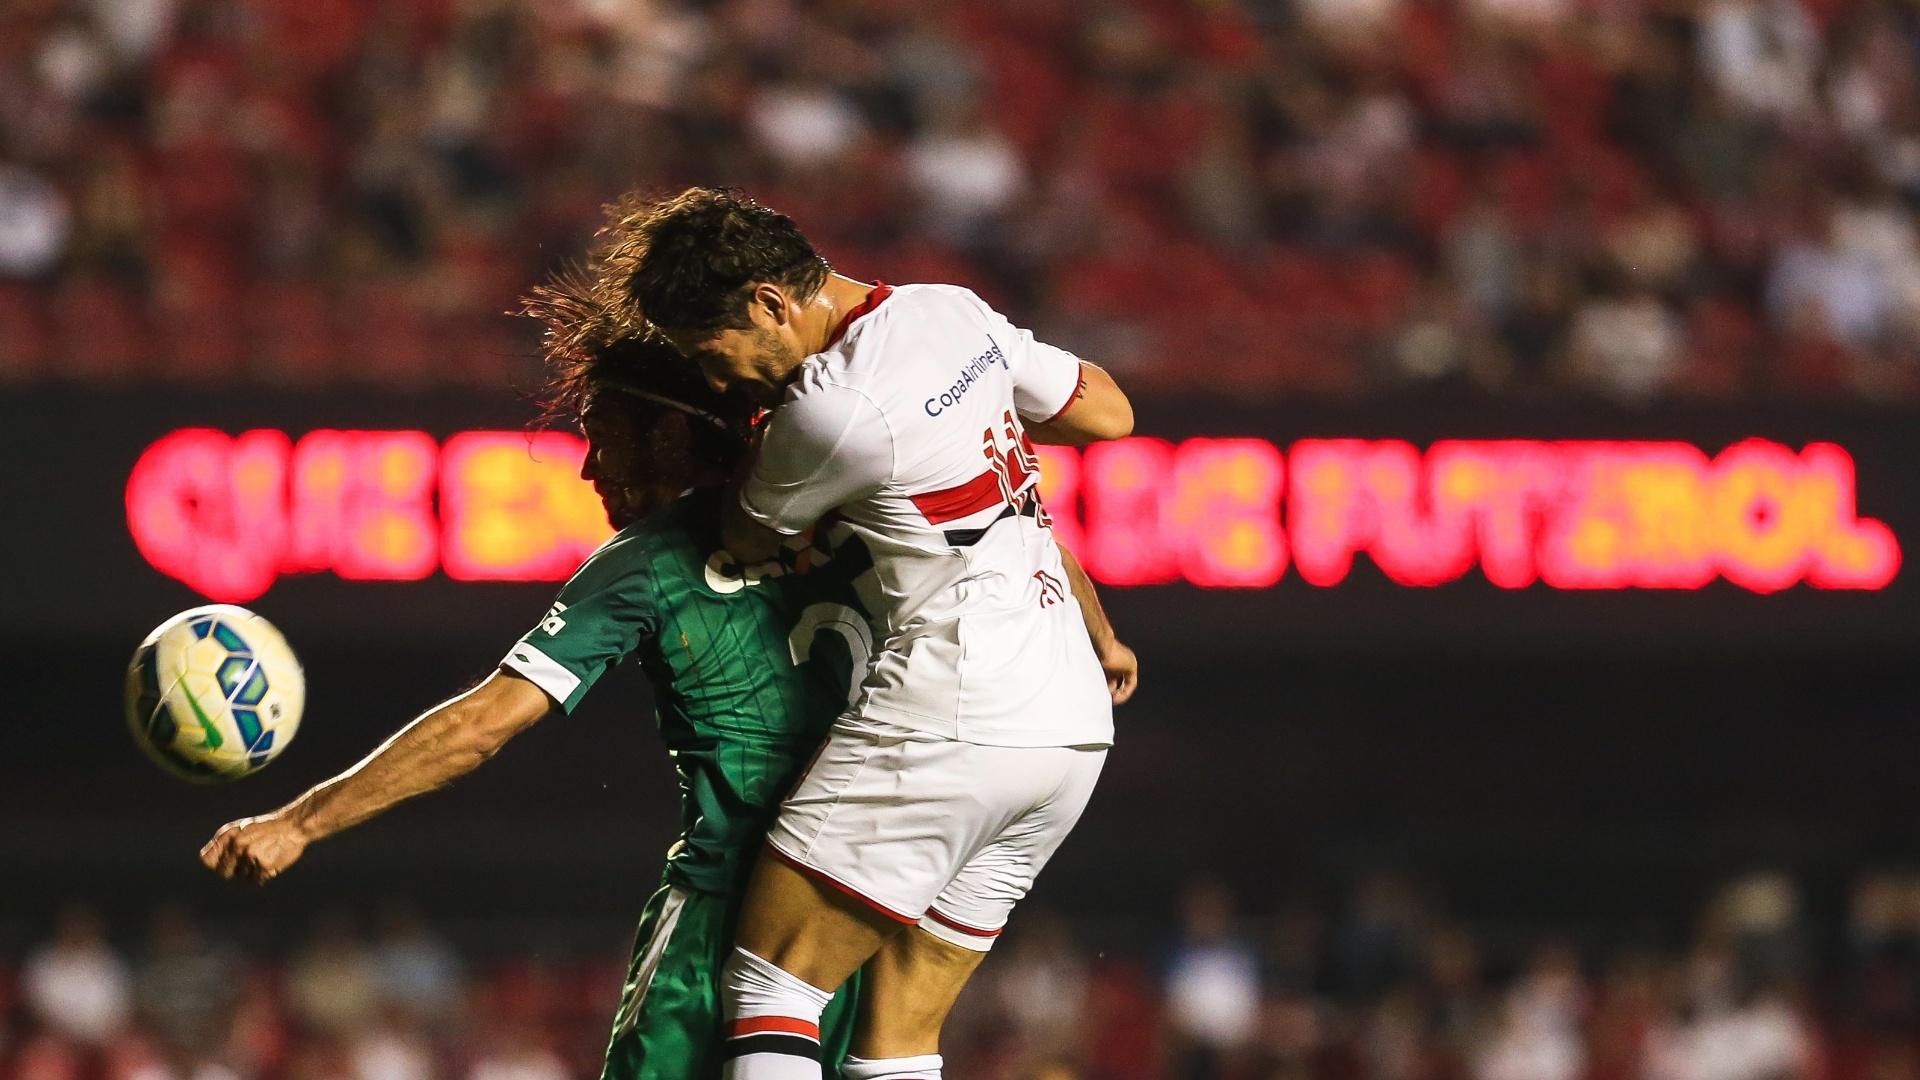 Pato cabeceia a bola em lance do jogo São Paulo e Chapecoense, no Morumbi